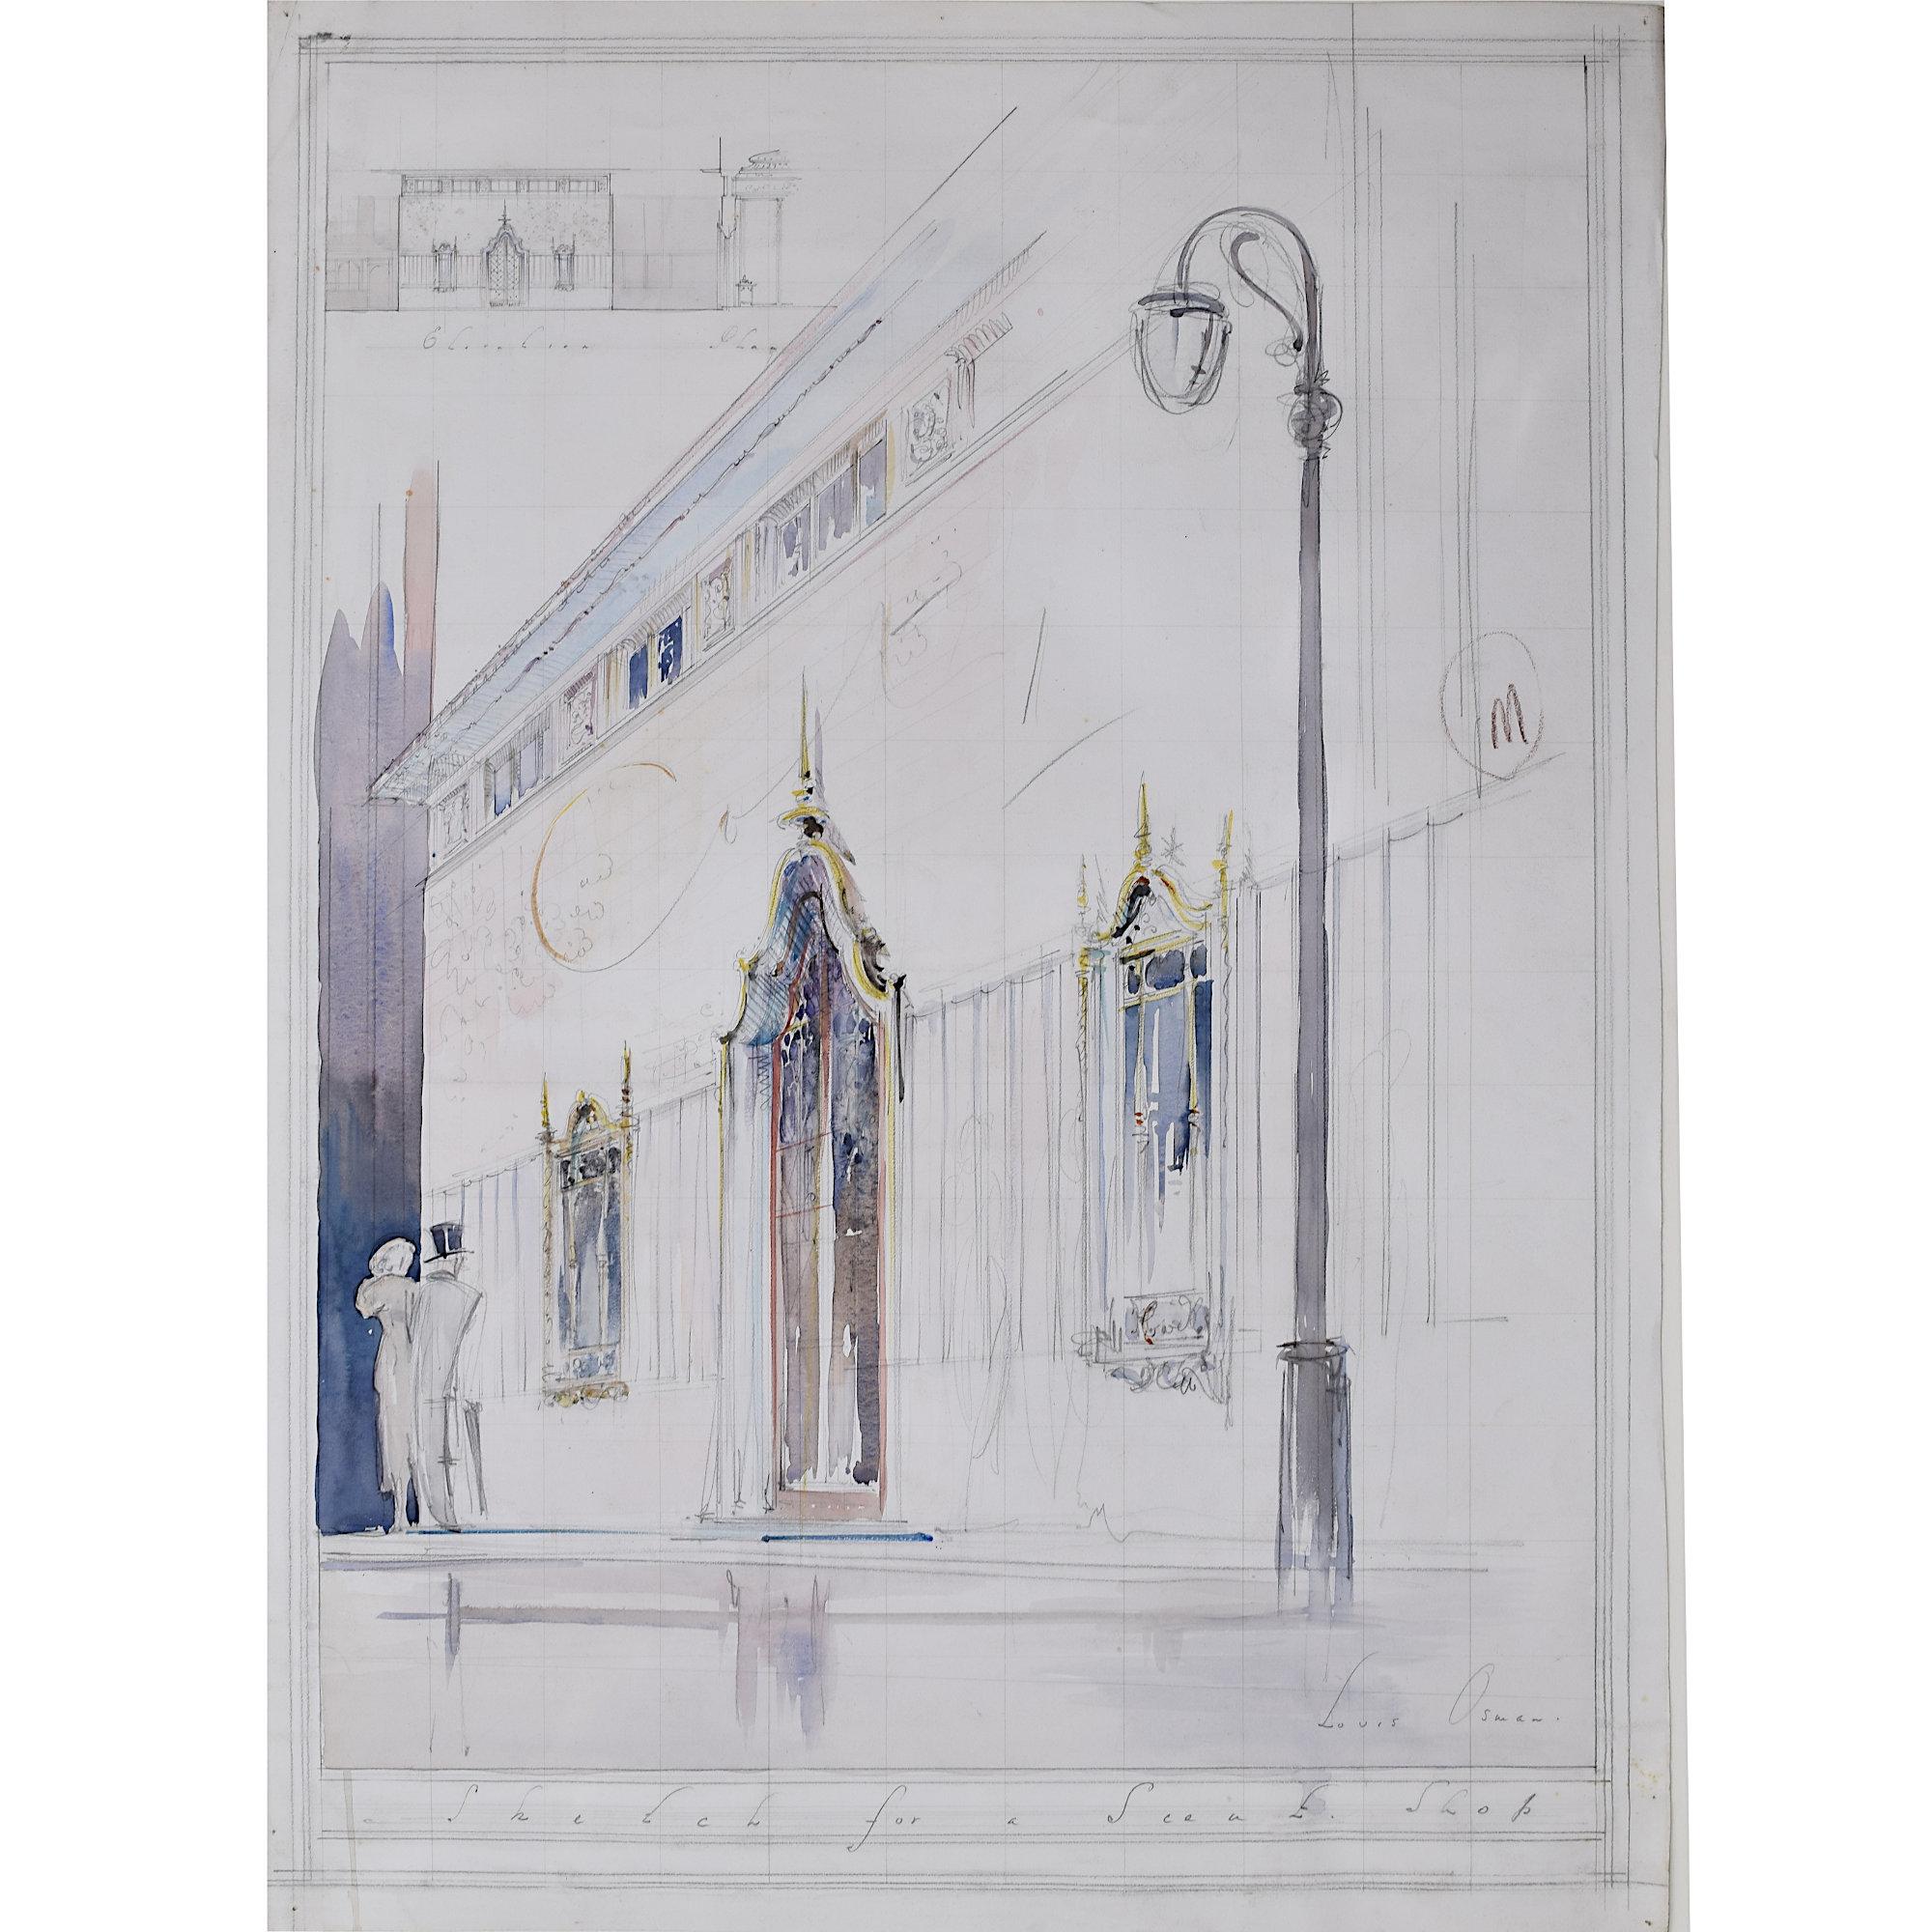 Louis Osman Architectural Design for Elegant Shop Front